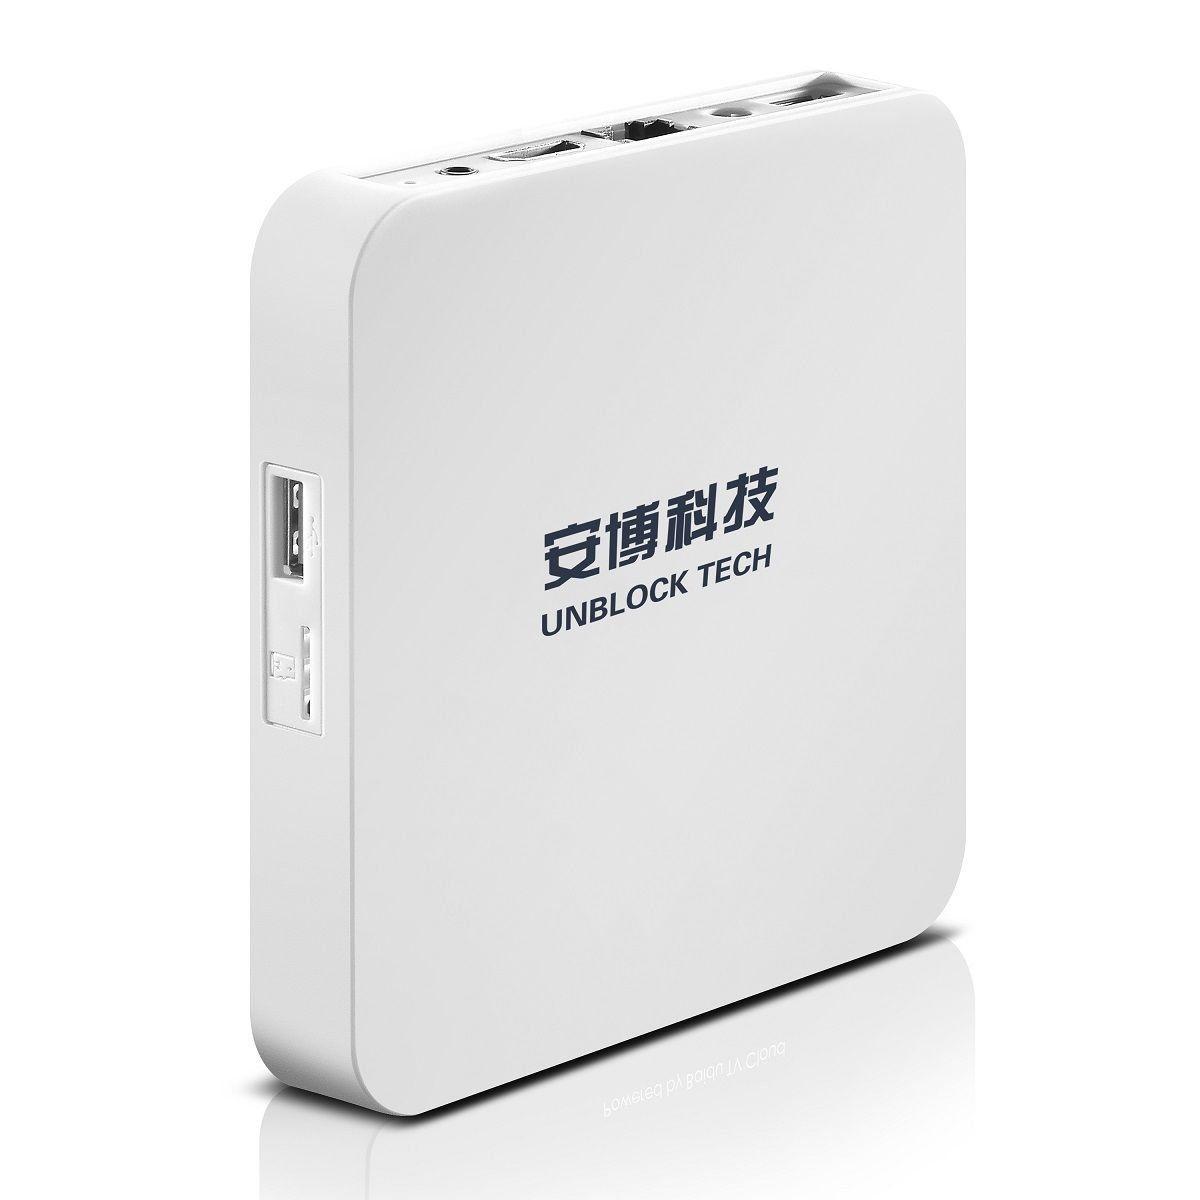 Ubox3 Unblock Tech Tv Box Gen3 Iptv 安博盒子 Ubox S900 Pro 16g 原裝